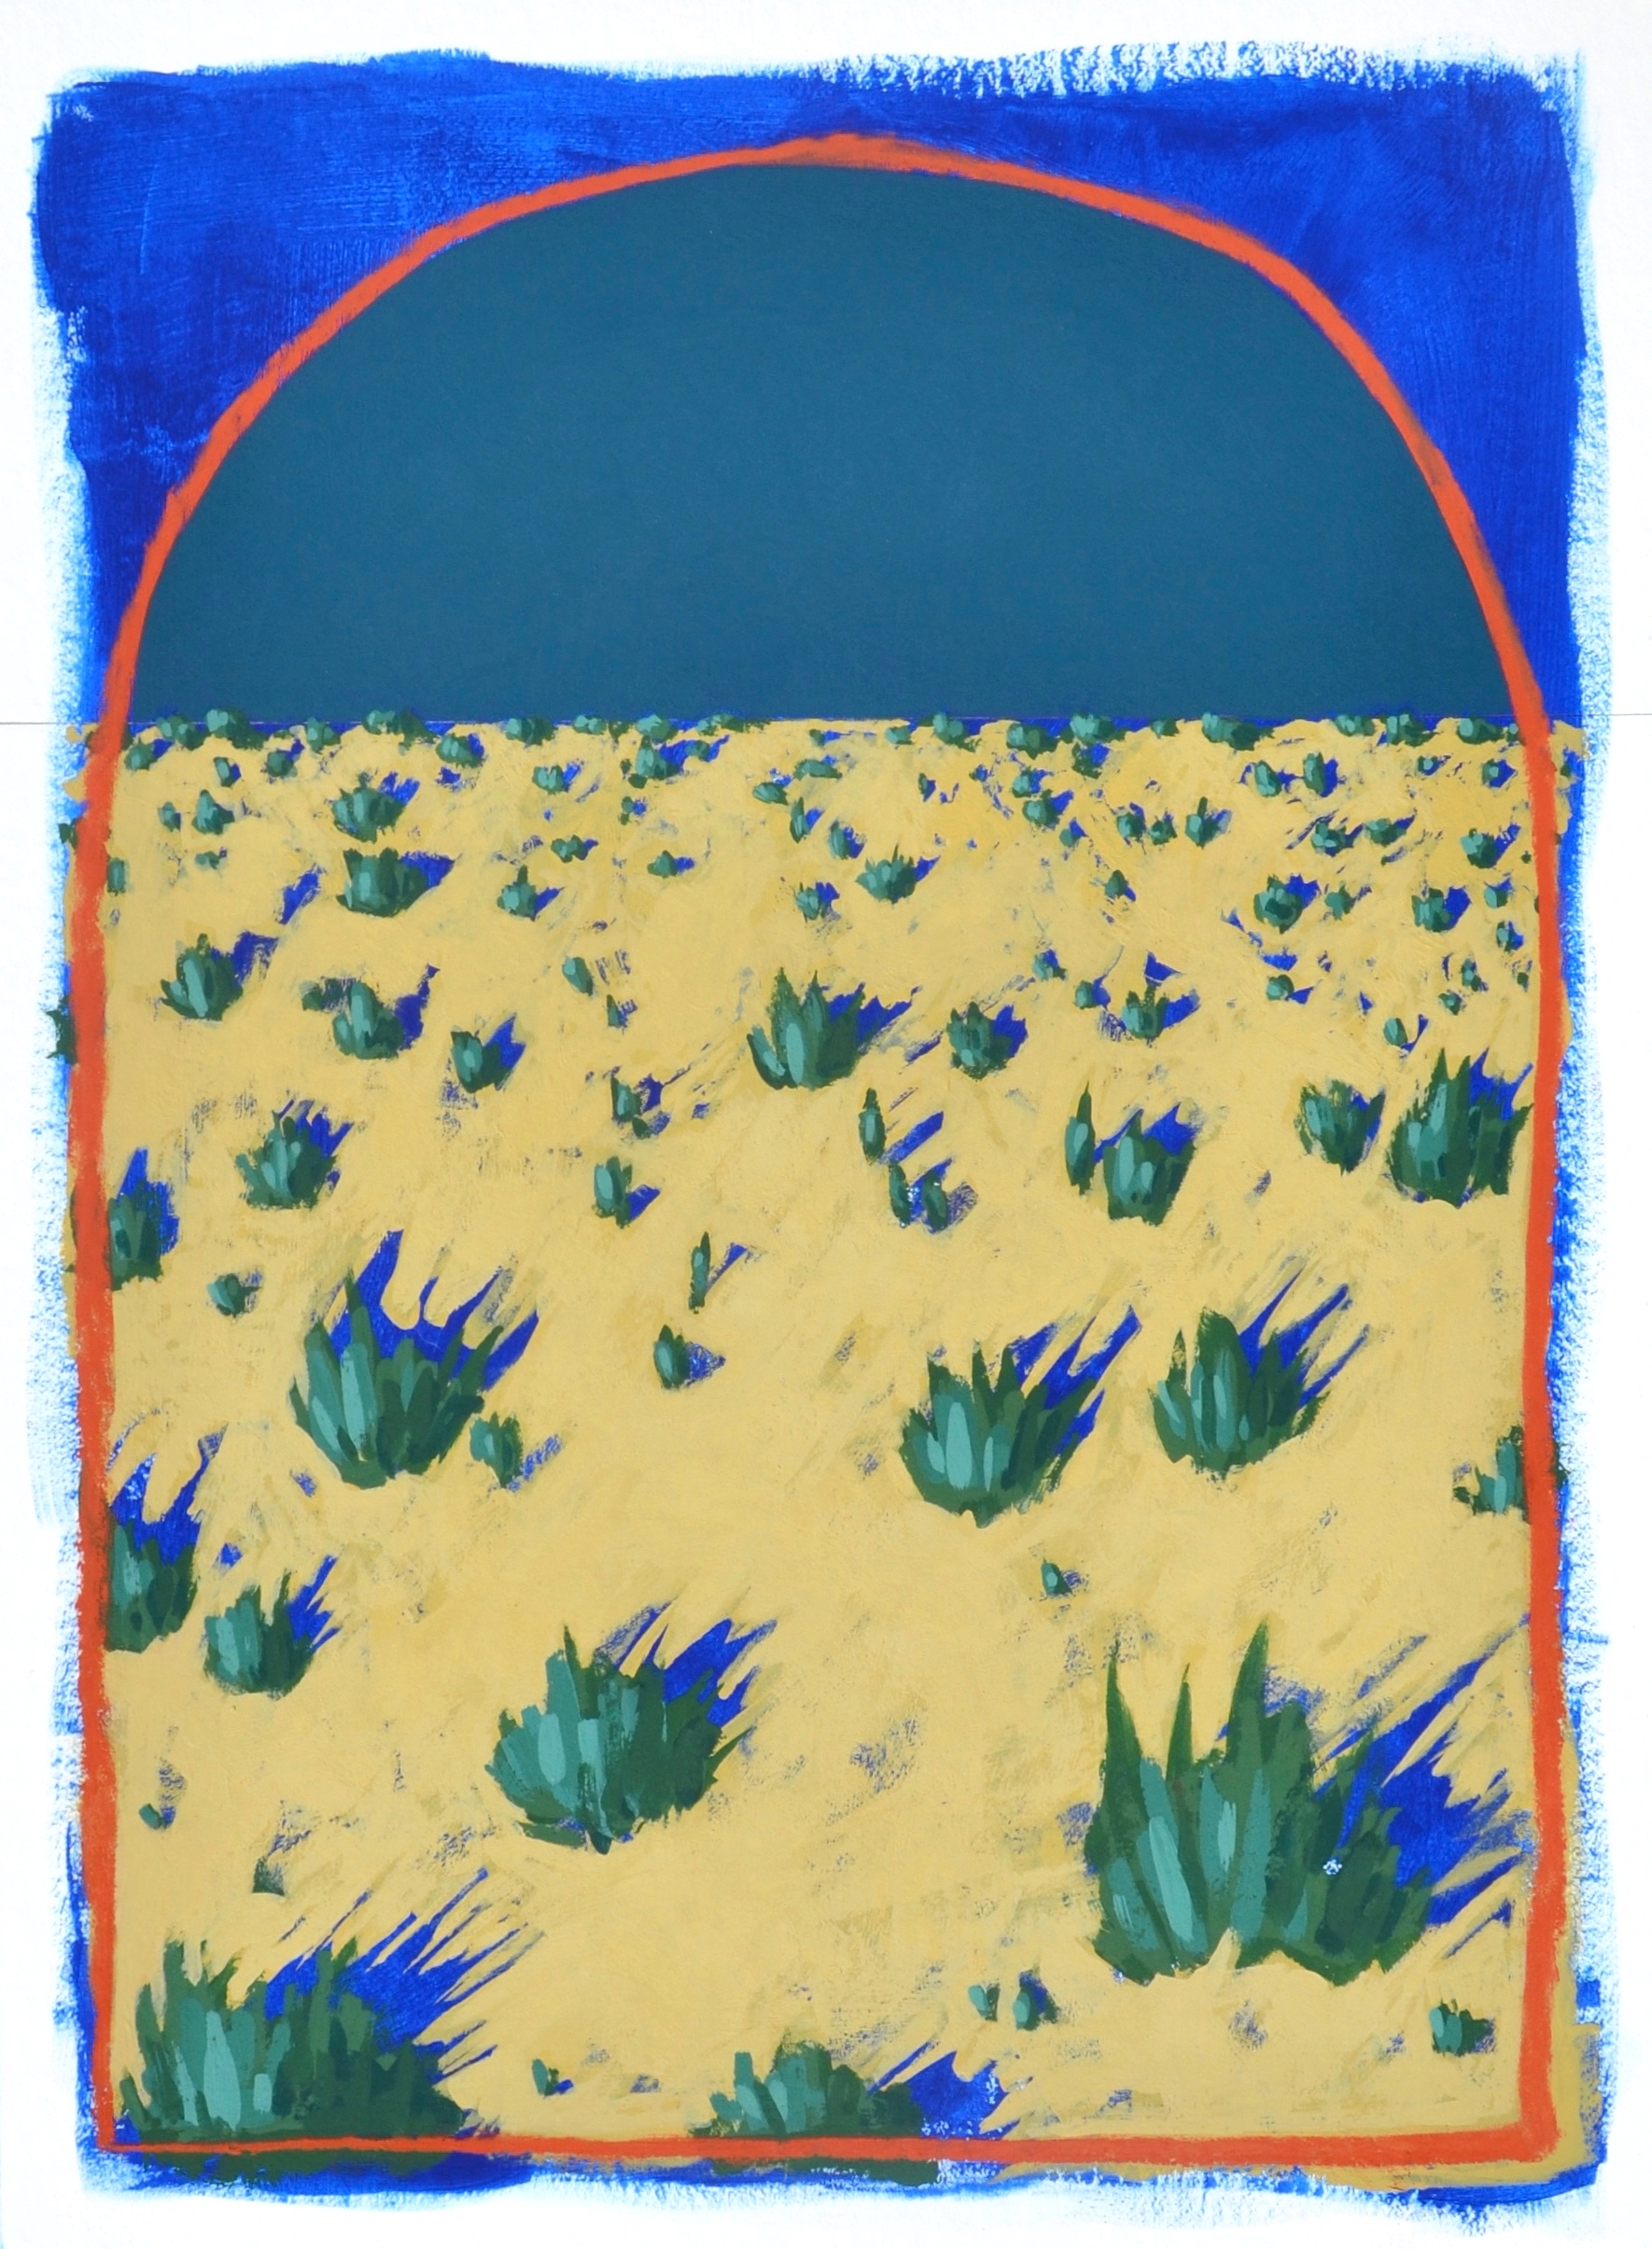 Desert Diptych: Full Moon (2 of 2)